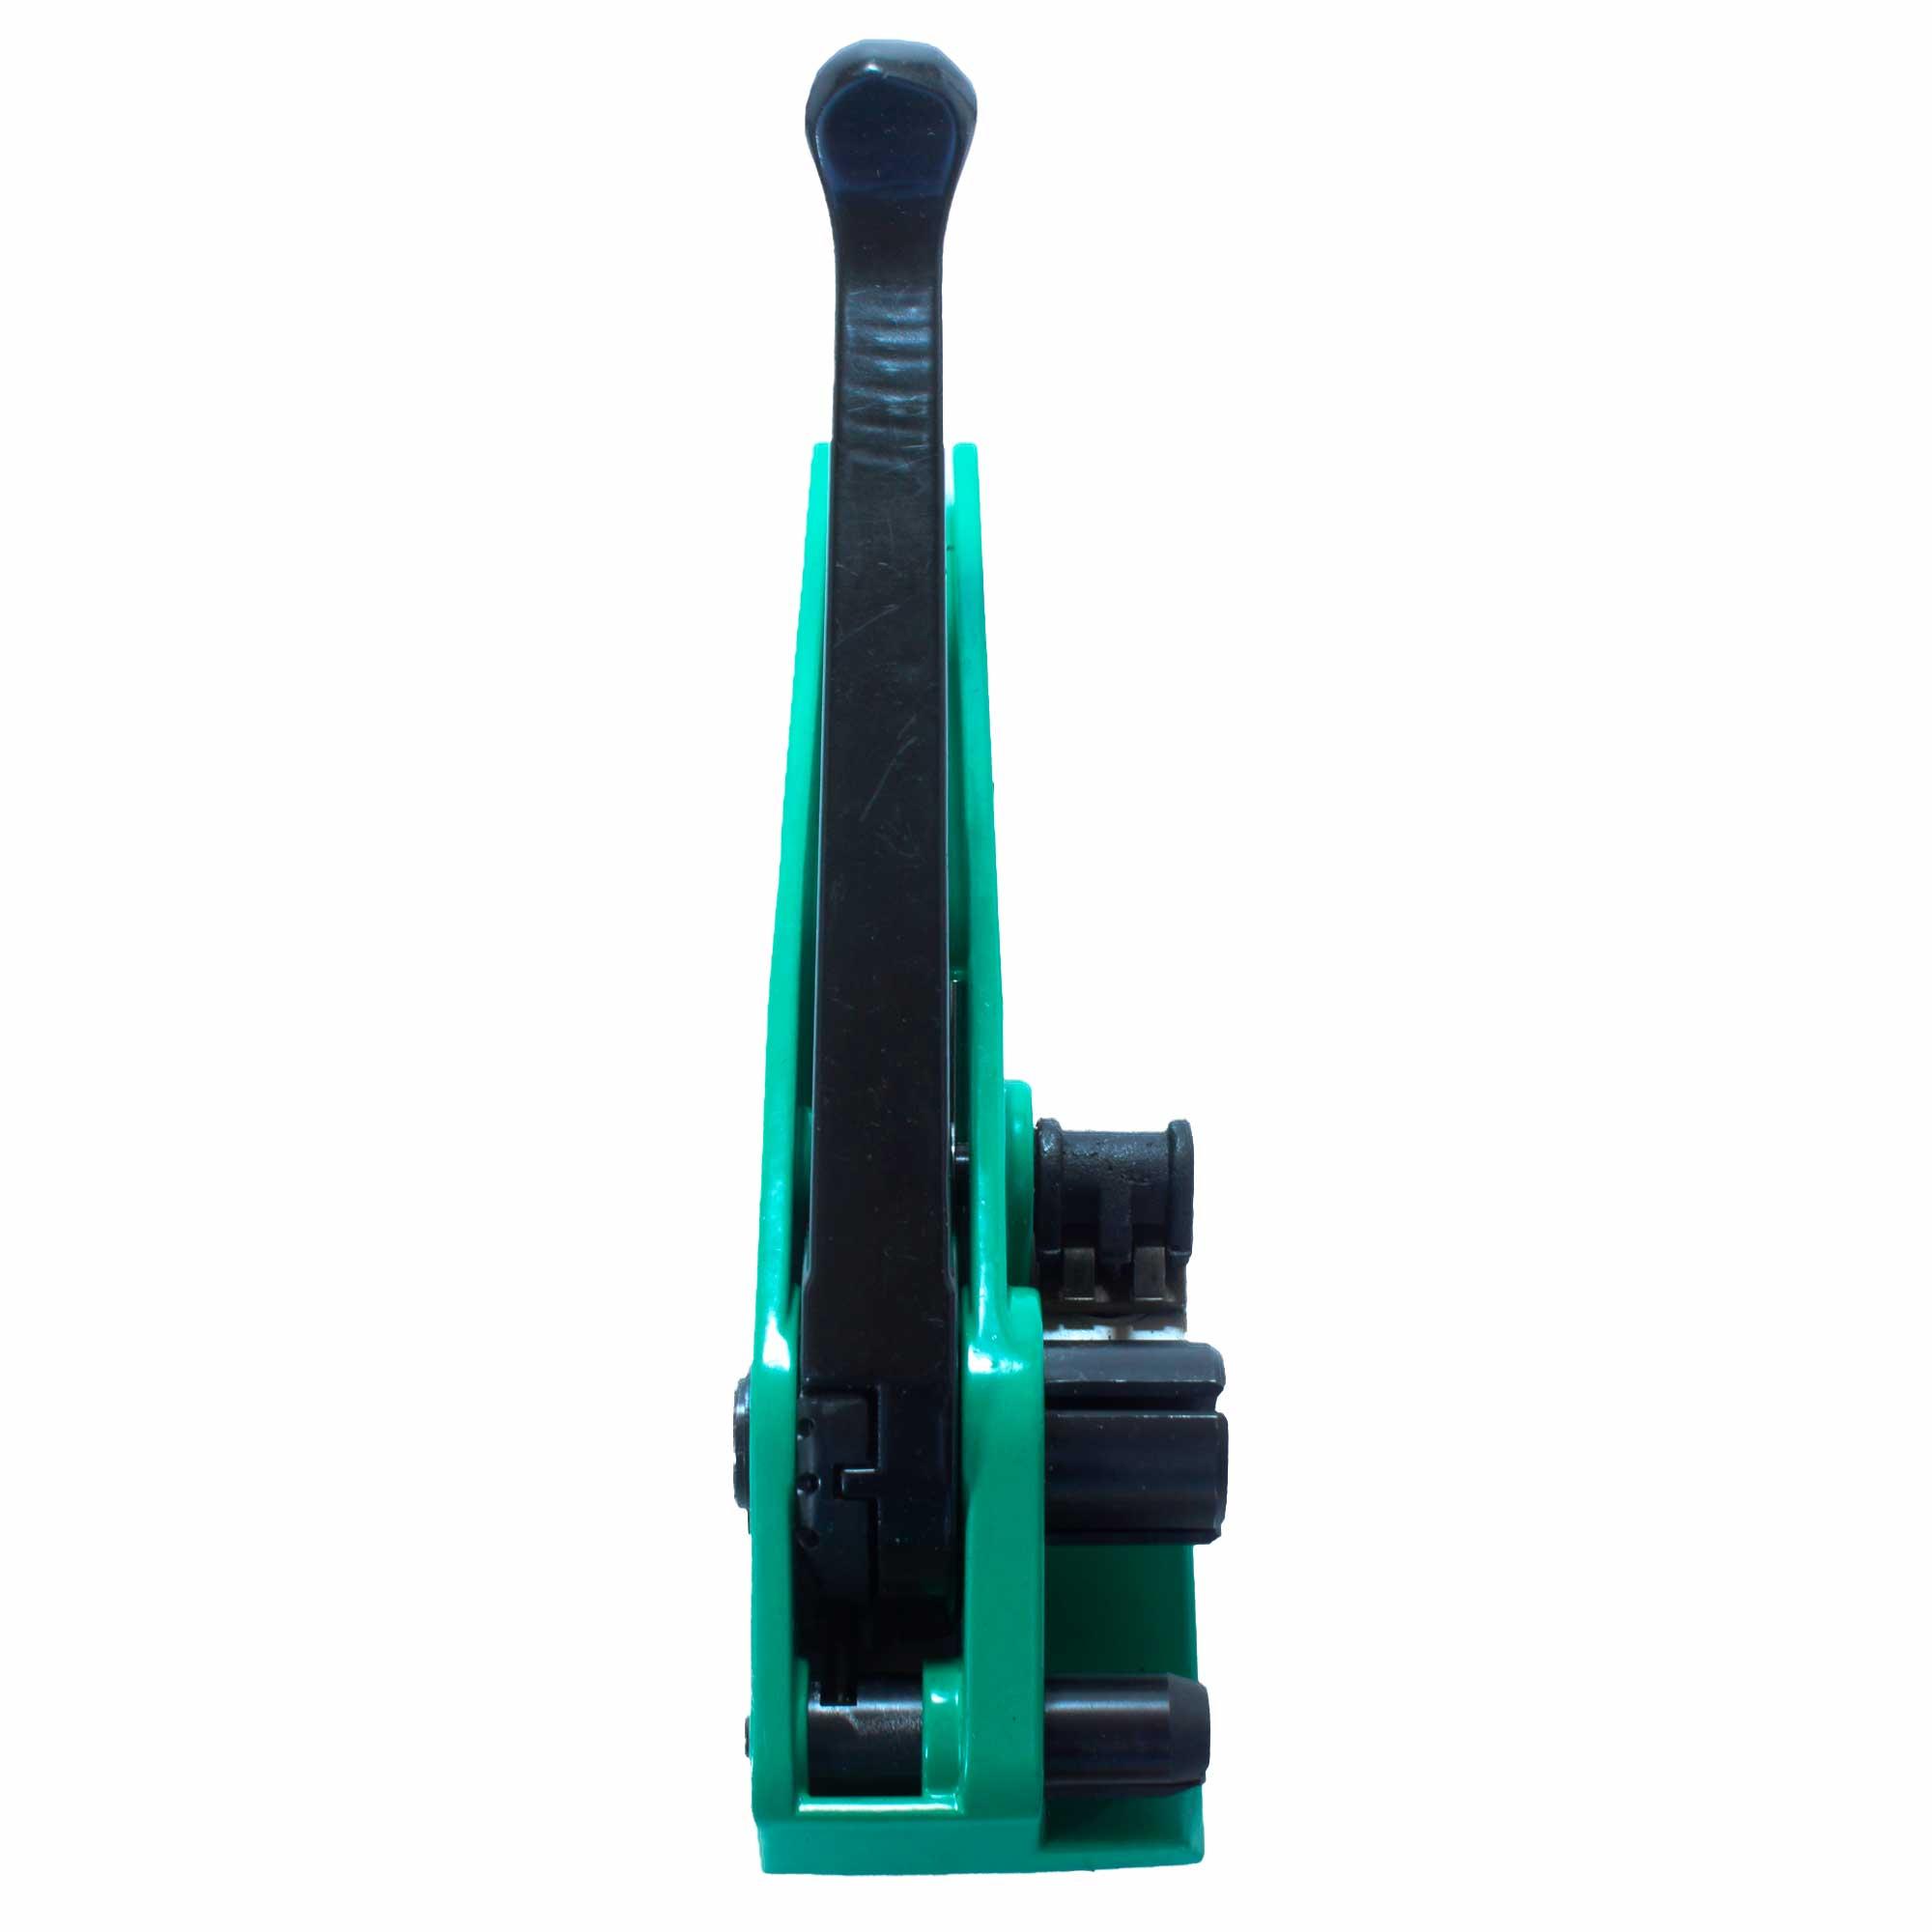 Esticador Tensionador de Fita de Arquear Pet PP de 10 A 19mm Supplypack